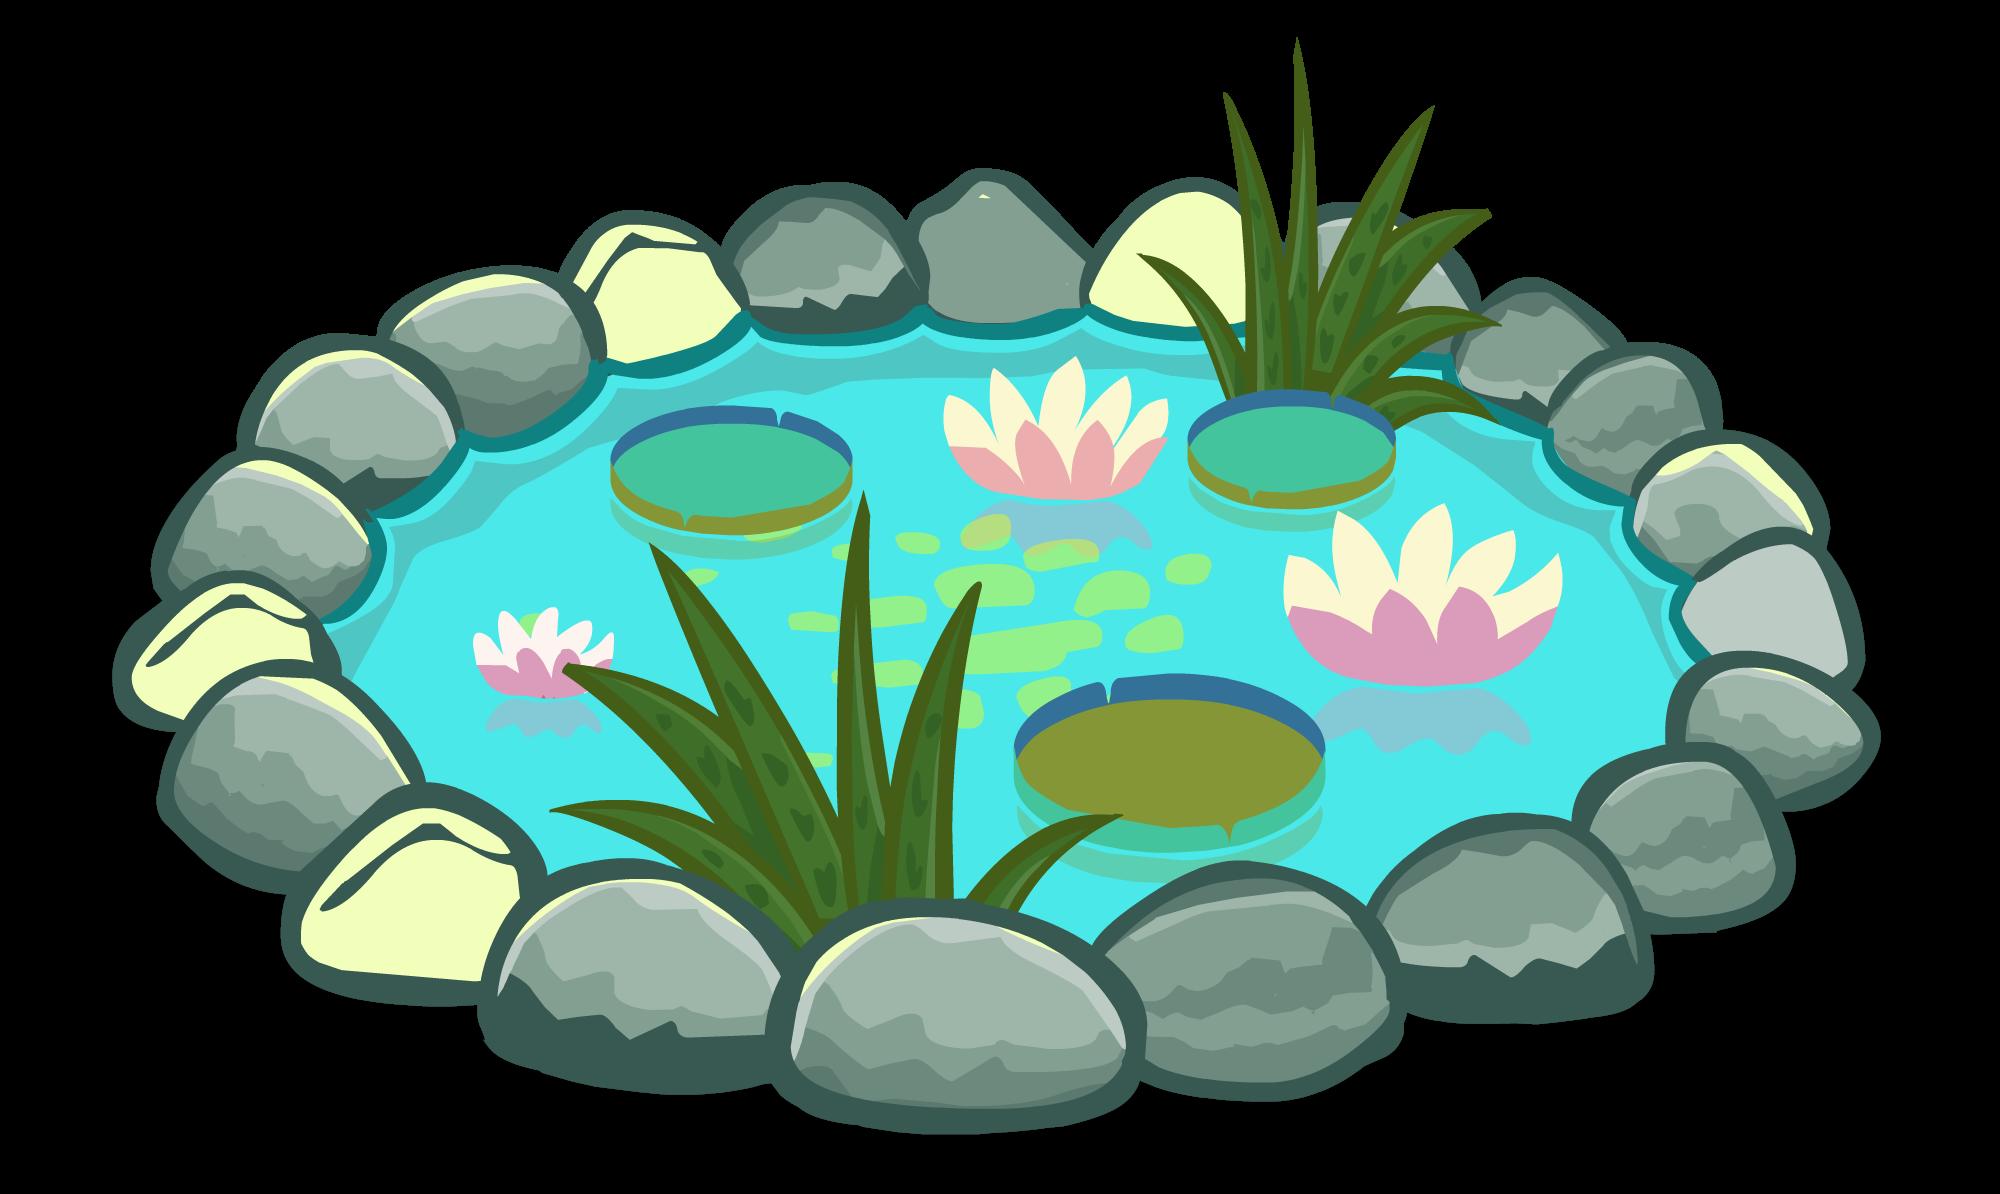 картинки озер мультяшных